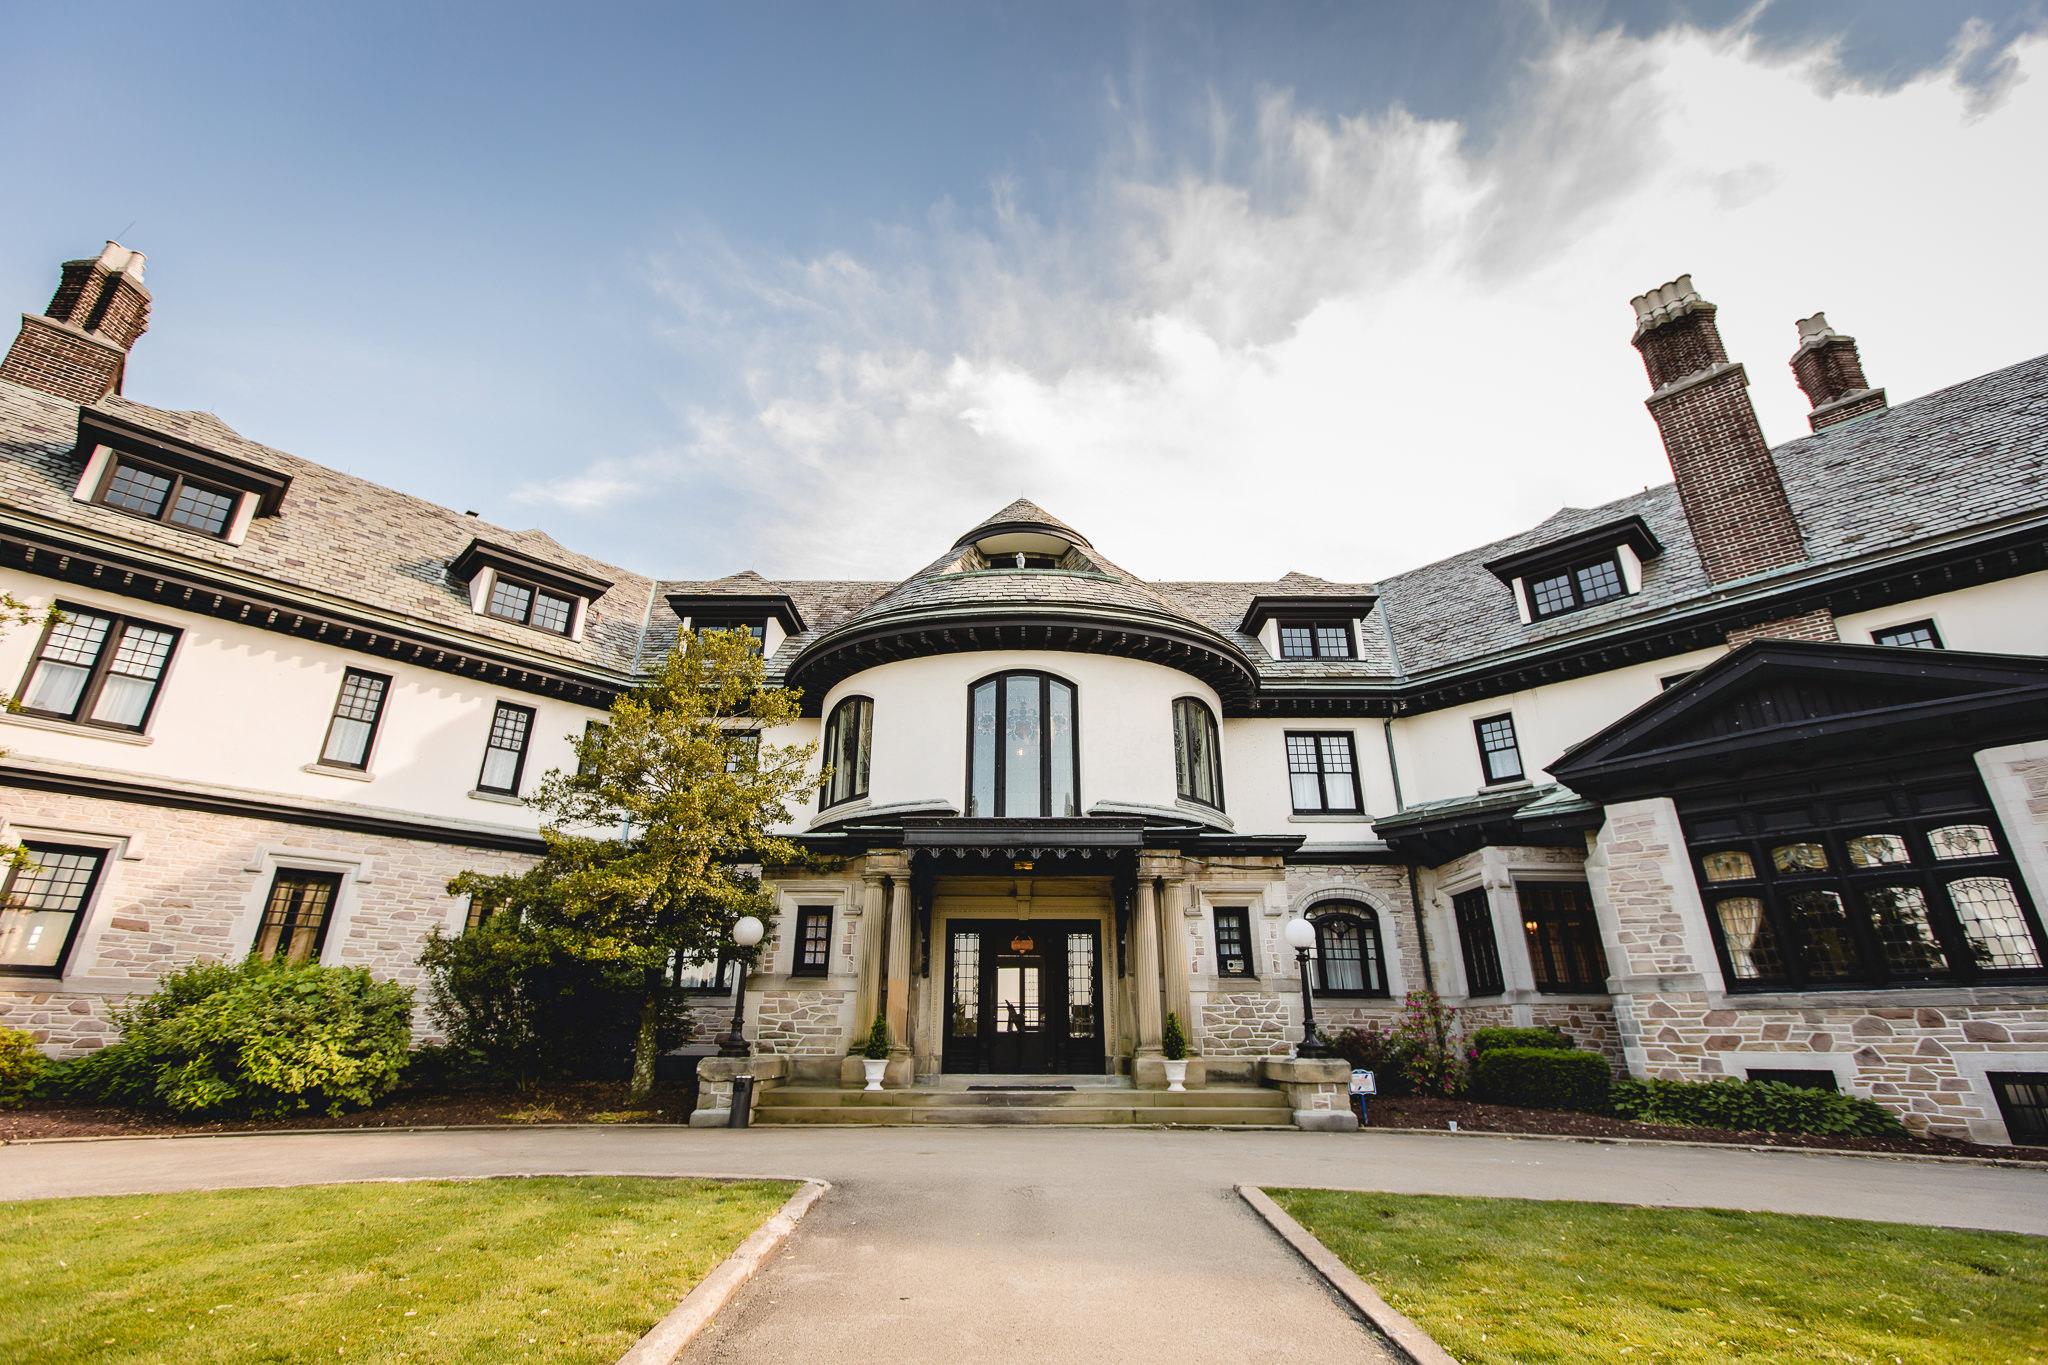 Linden Hall mansion in Dawson, PA